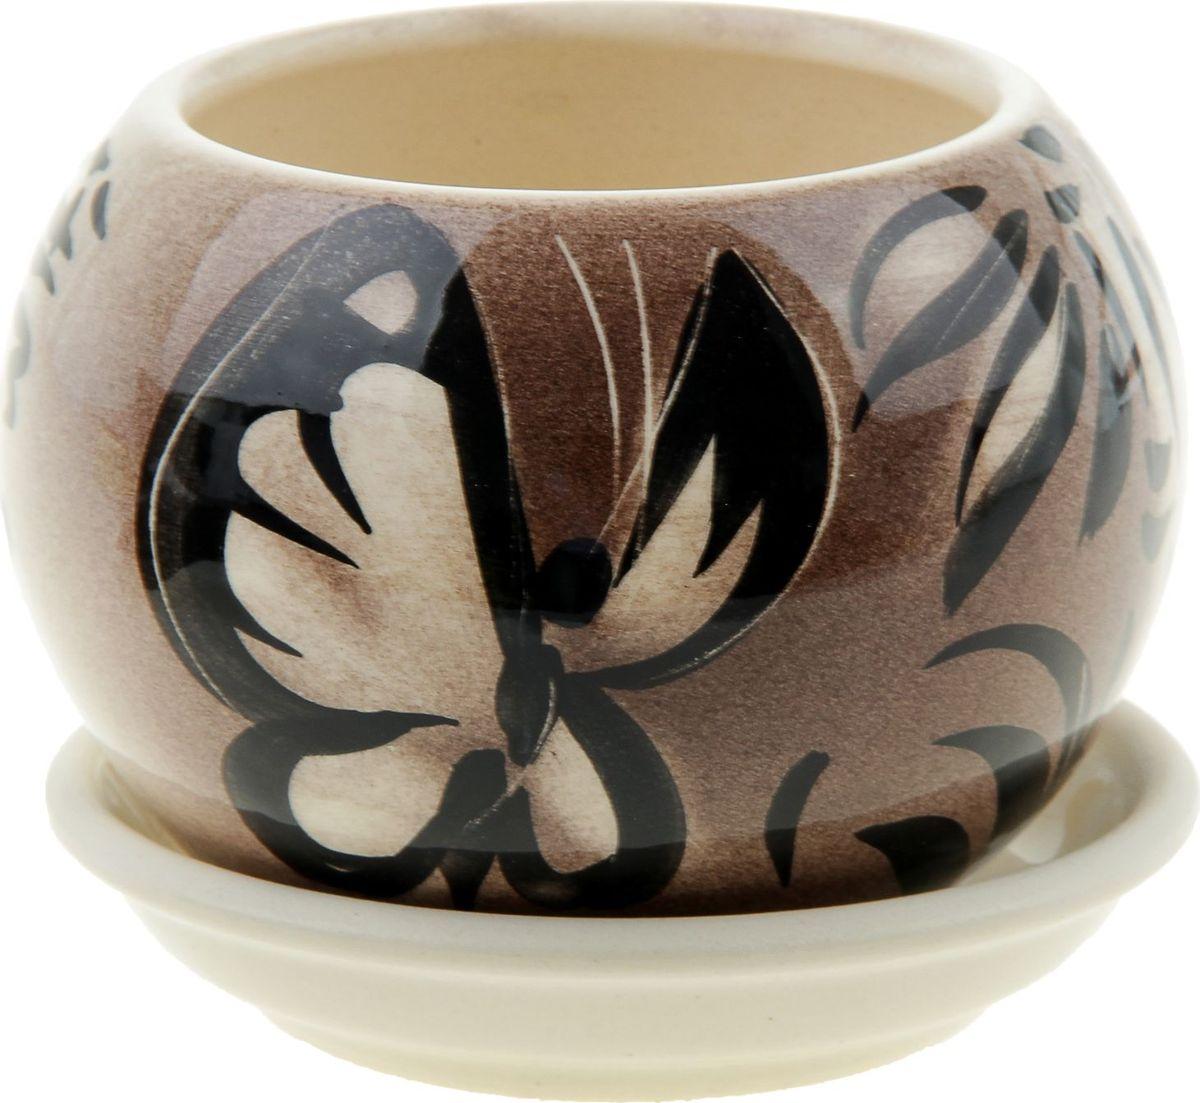 Кашпо Керамика ручной работы Шар. Мотылек, 0,4 л835632Комнатные растения - всеобщие любимцы. Они радуют глаз, насыщают помещение кислородом и украшают пространство. Каждому из них необходим свой удобный и красивый дом. Кашпо из керамики прекрасно подходят для высадки растений:- пористый материал позволяет испаряться лишней влаге;- воздух, необходимый для дыхания корней, проникает сквозь керамические стенки. Кашпо Шар. Мотылек позаботится о зеленом питомце, освежит интерьер и подчеркнет его стиль.